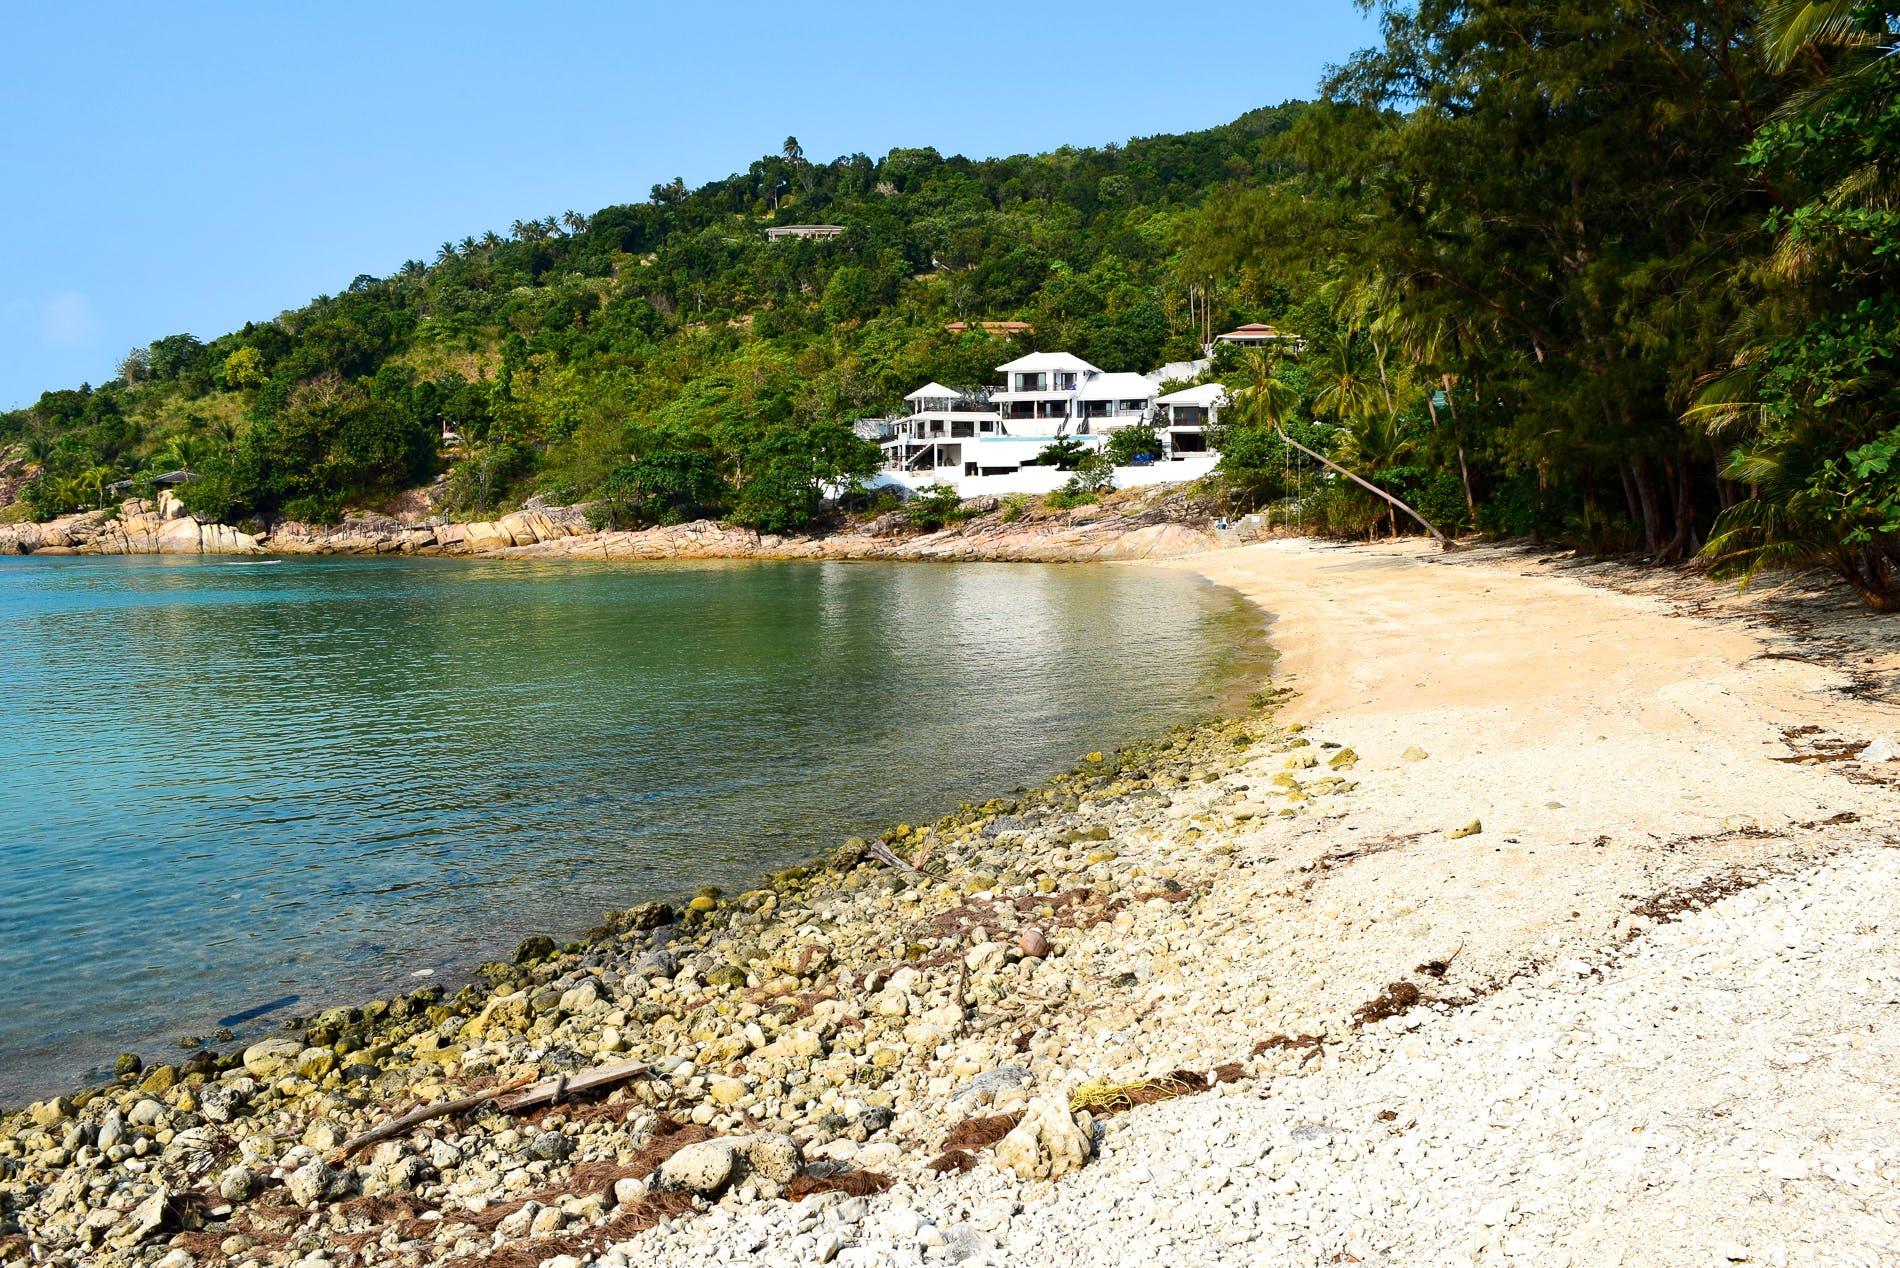 Beach Thong Lang Beach, Koh Phangan, Thailand